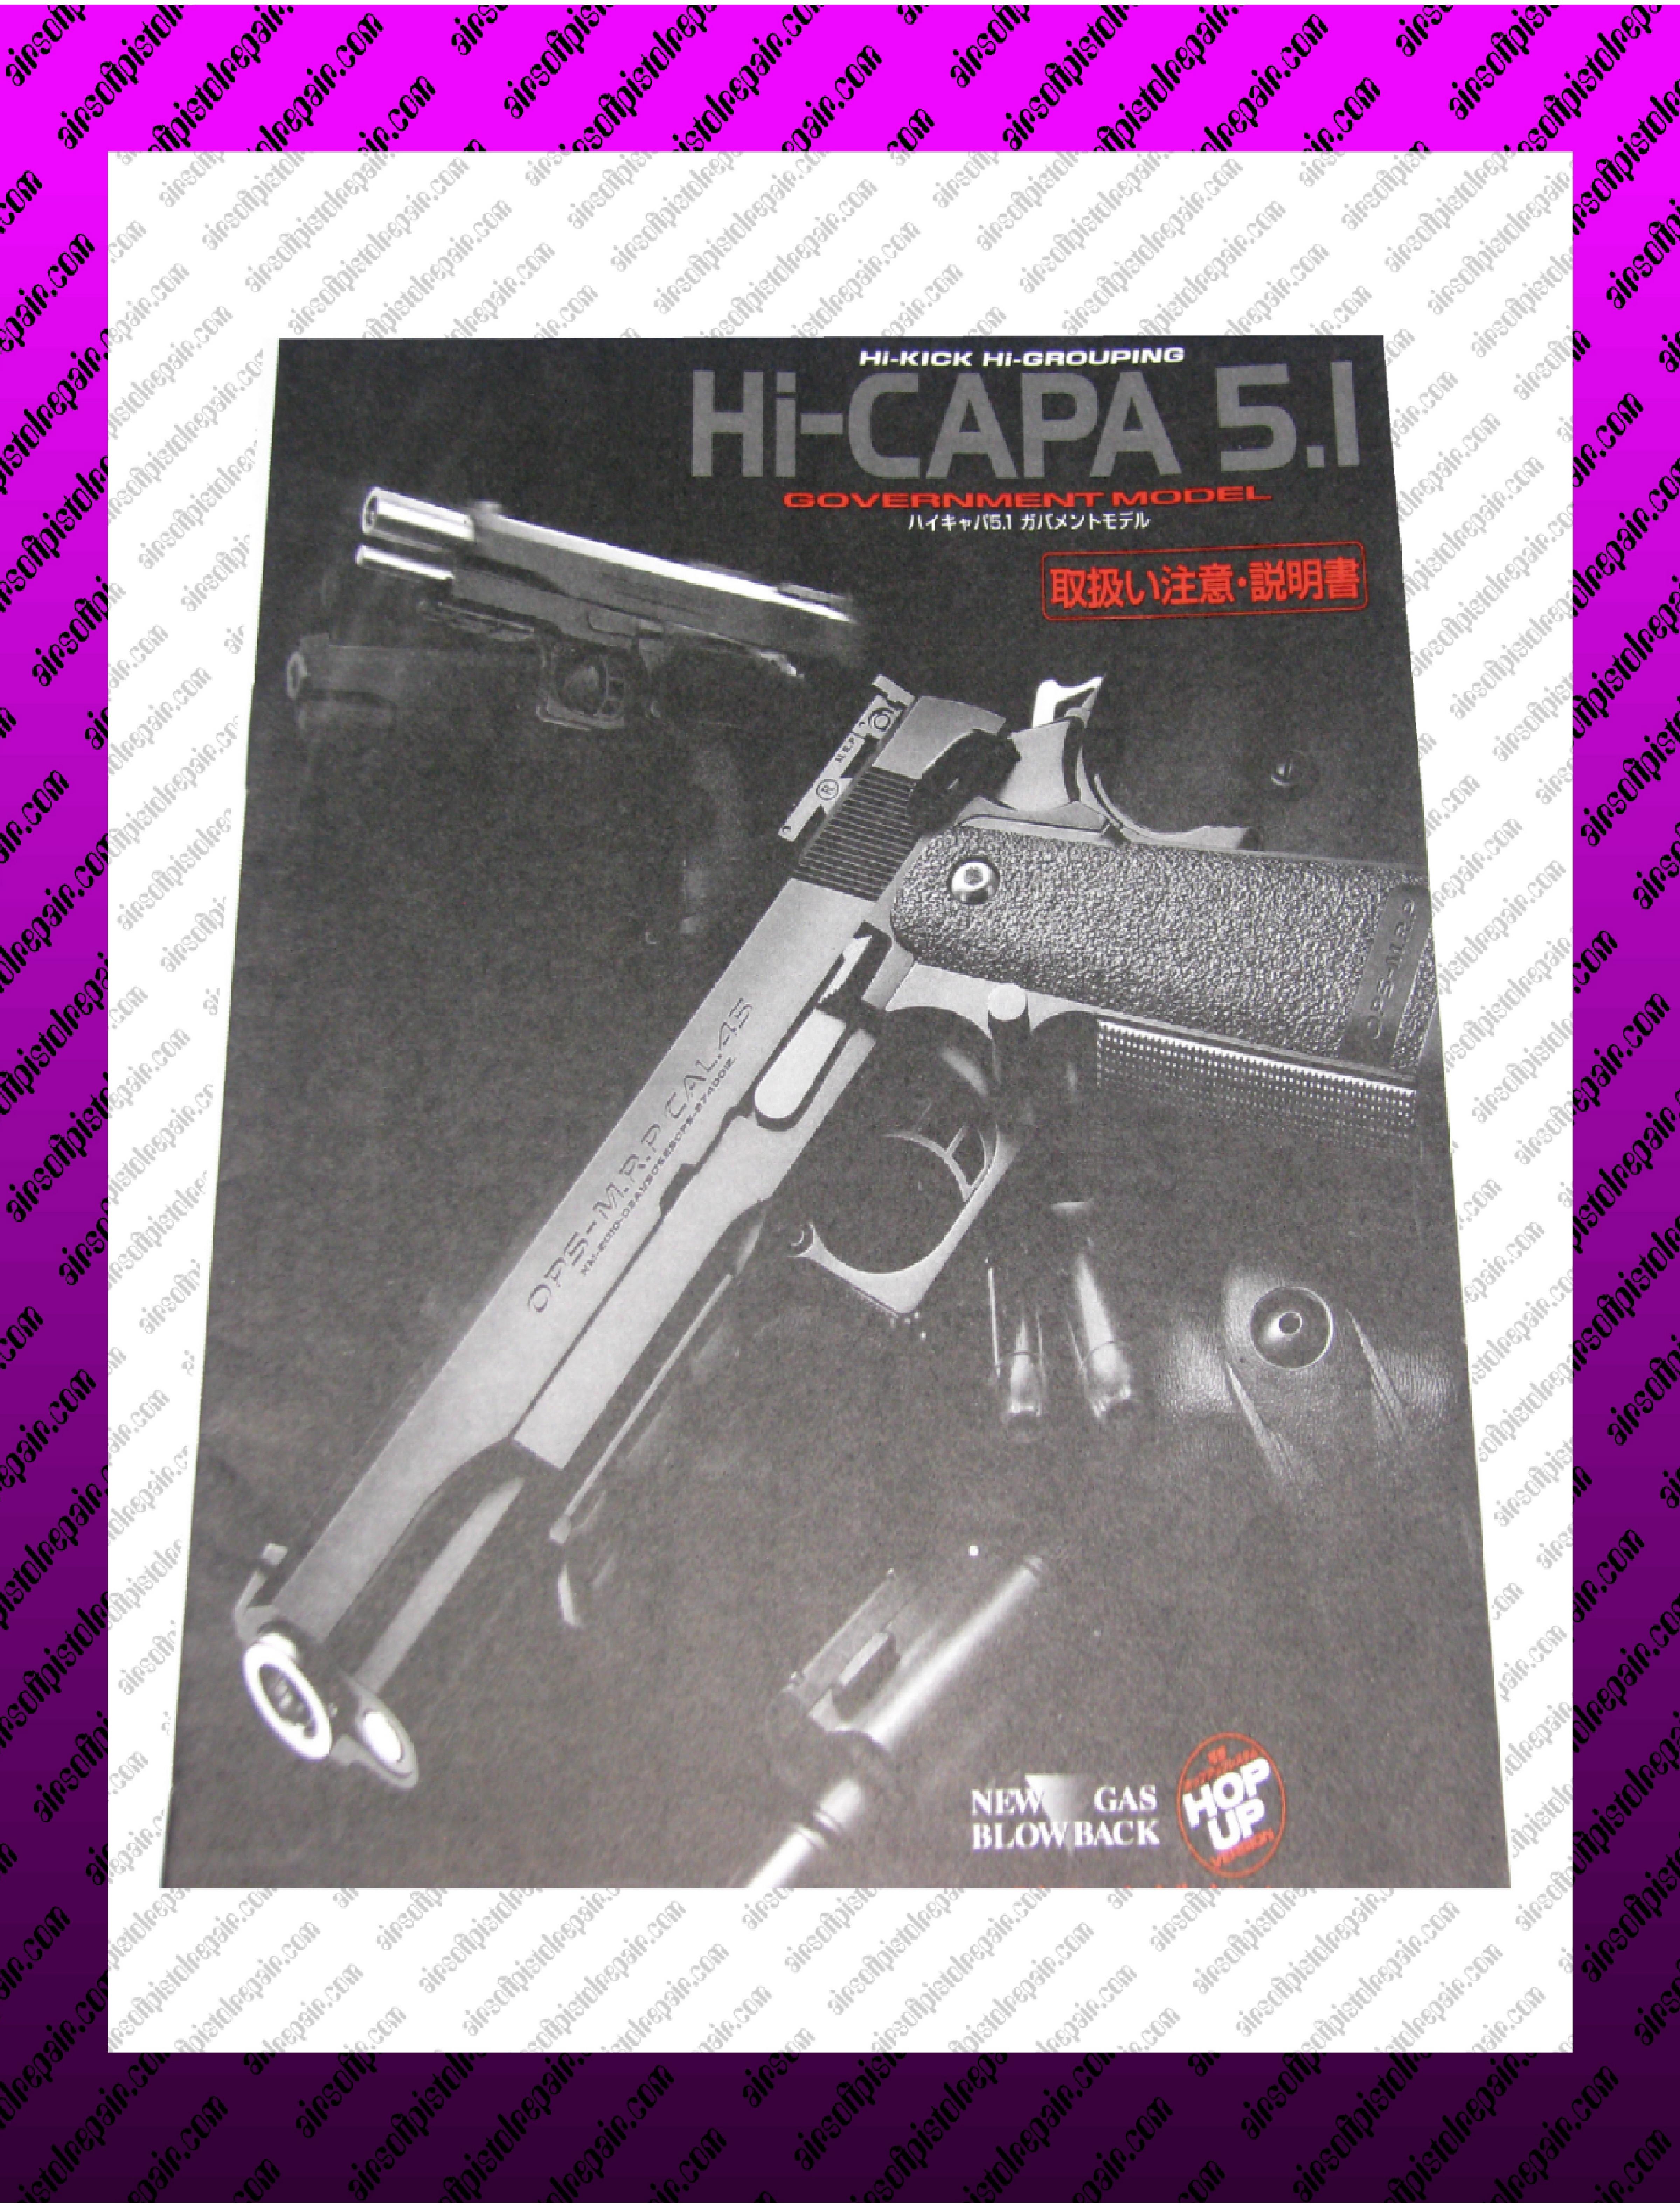 airsoft hi cappa pistol owners manual